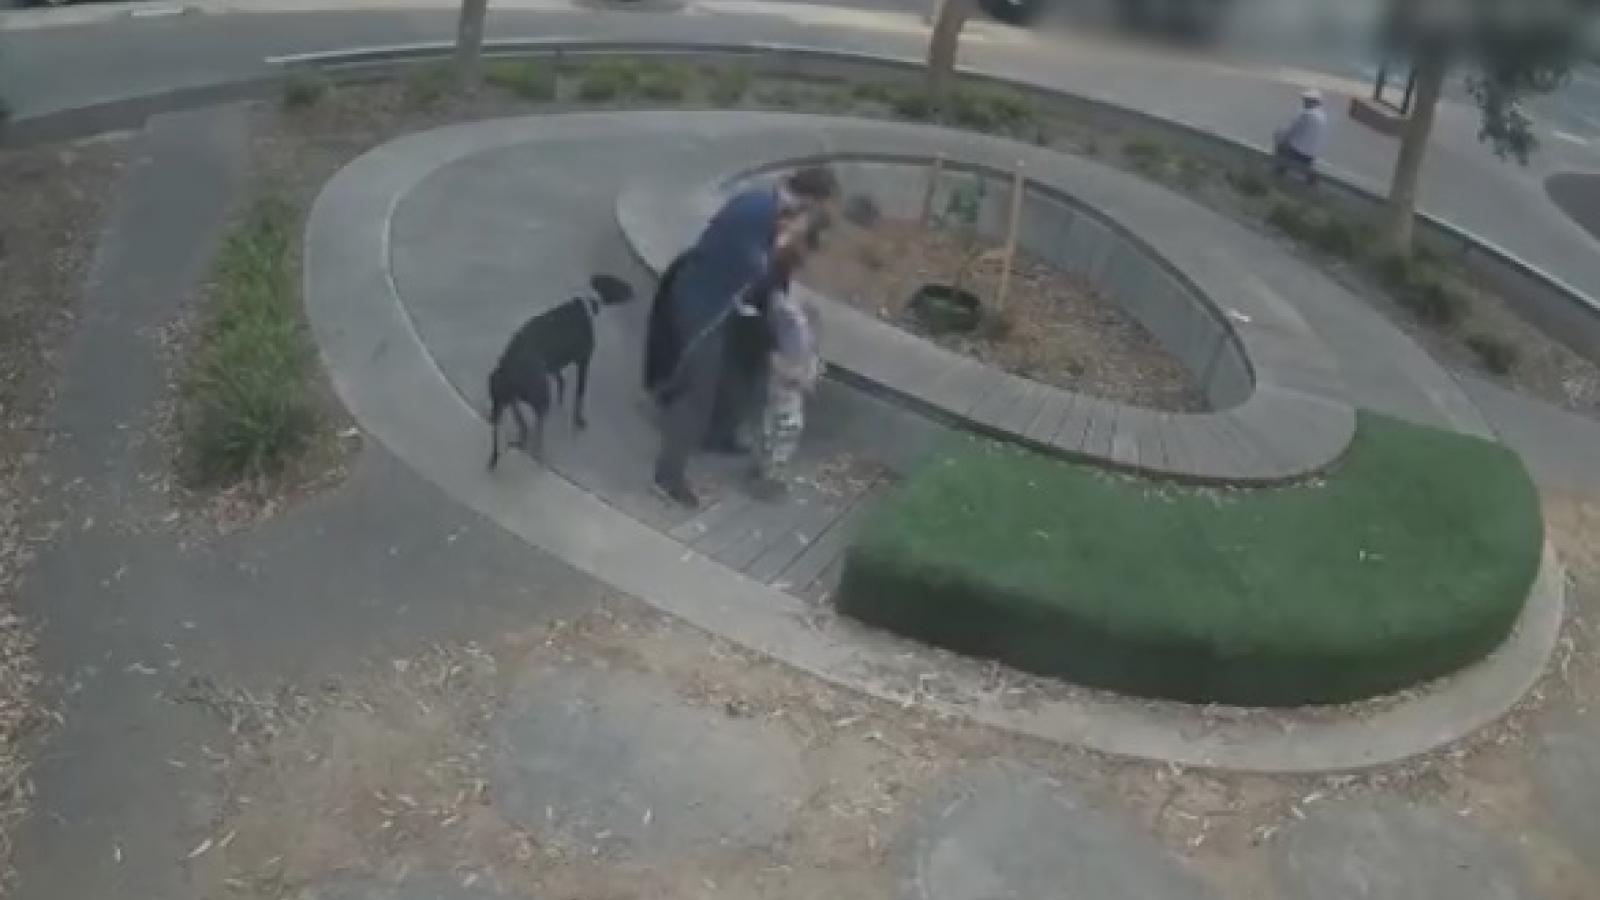 Video: Khoảnh khắc gã say dùng vũ lực để bắt cóc bé trai